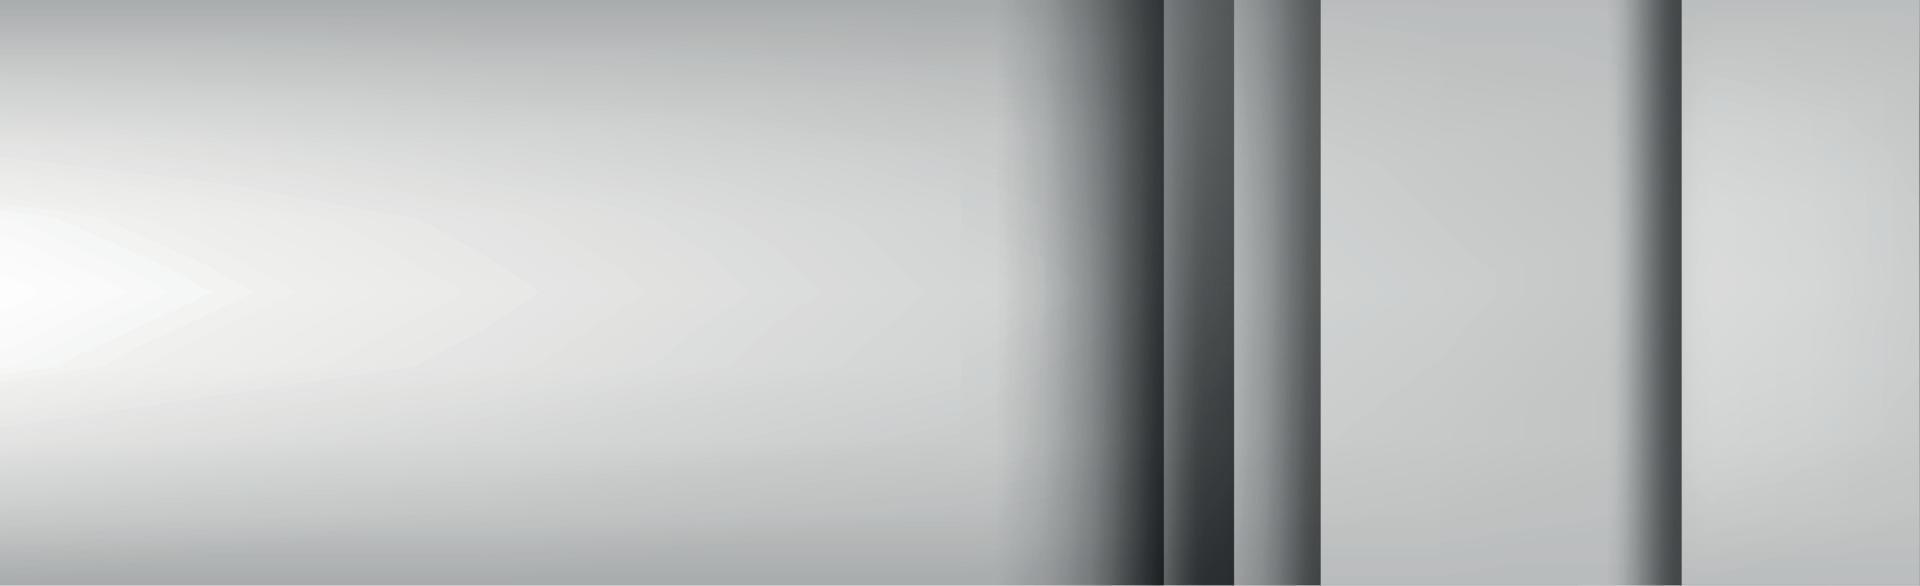 fondo blanco y gris con múltiples capas - vector